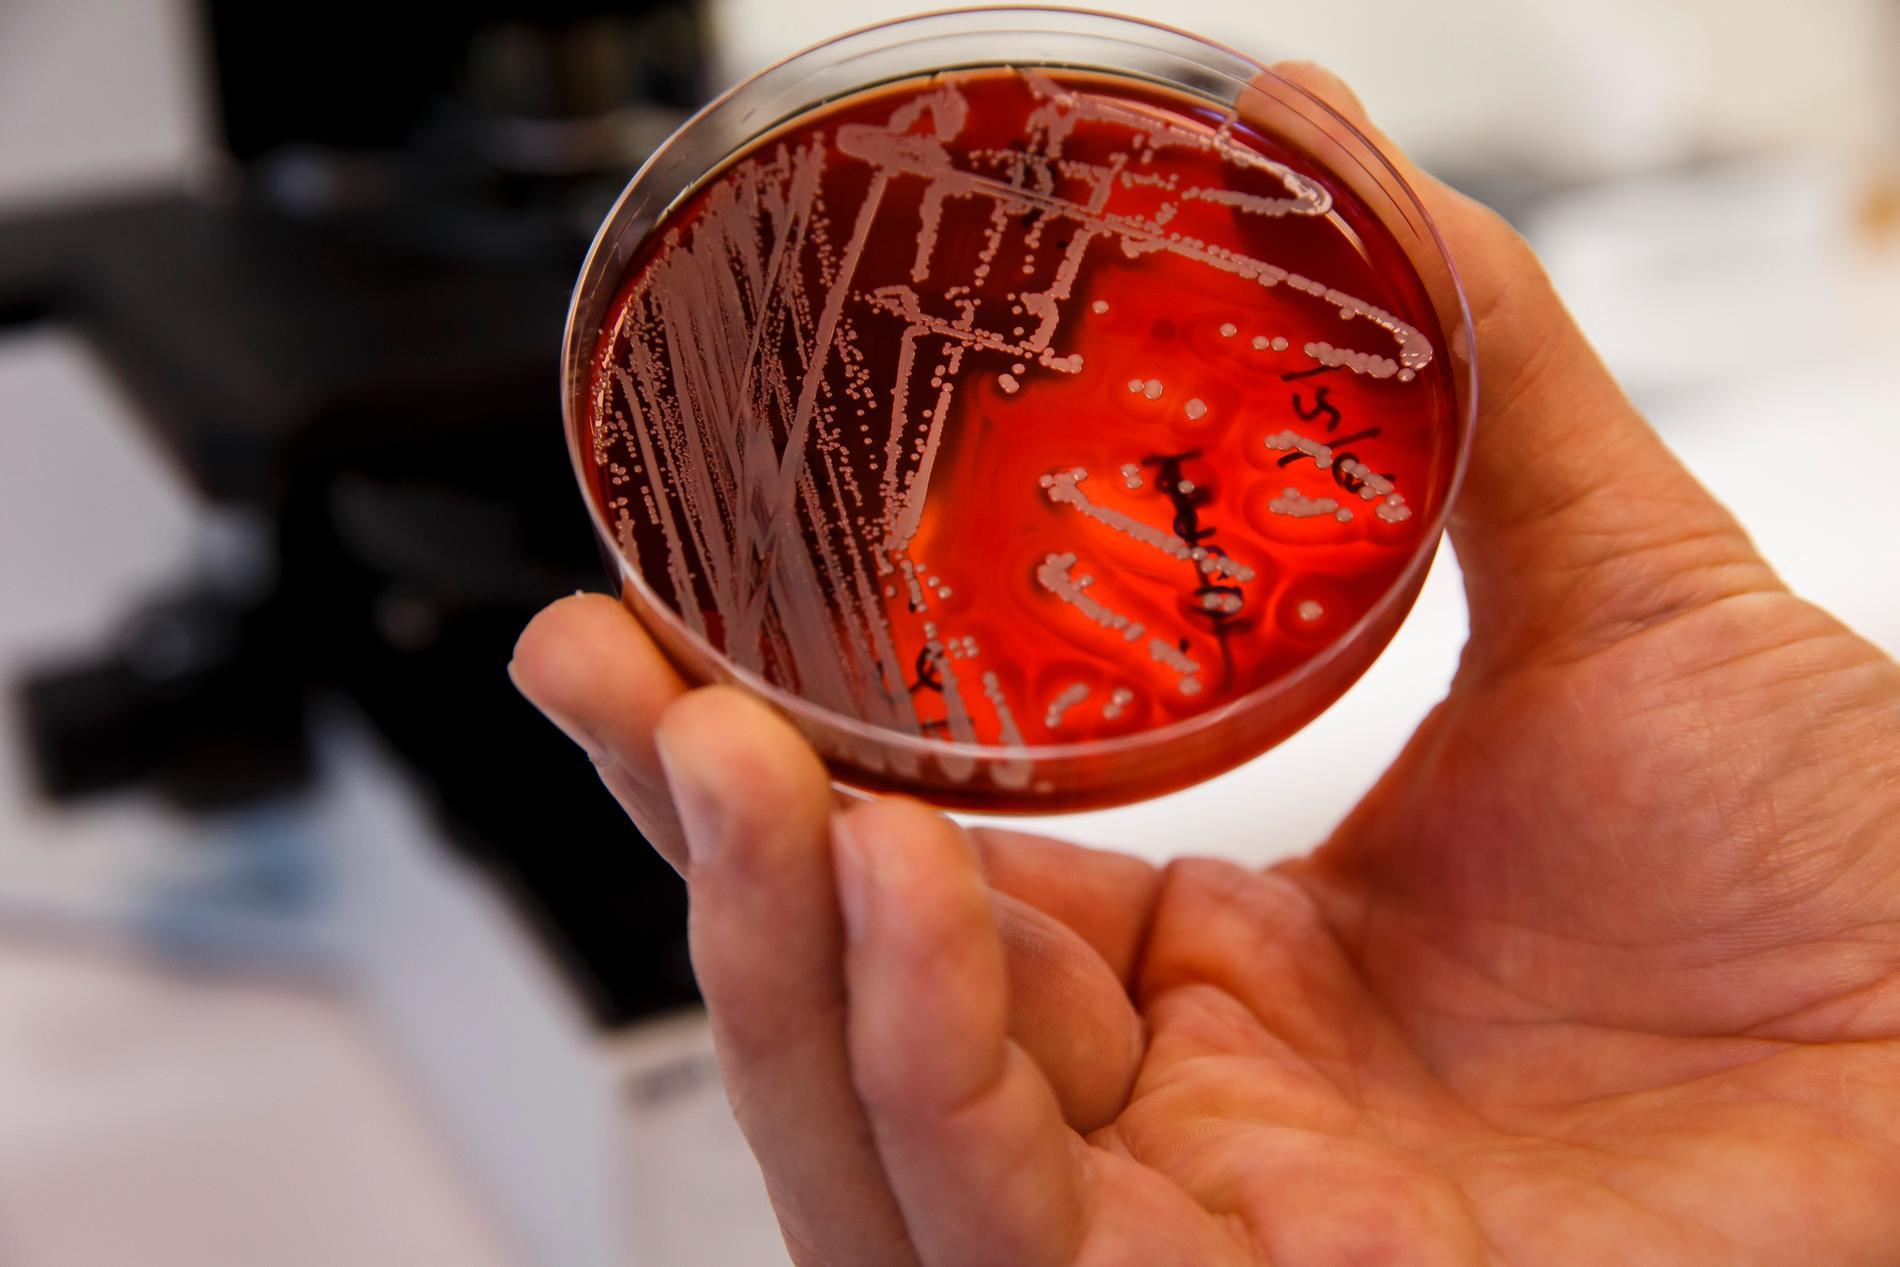 Antibiotikaresistens är ett allvarligt folkhälsoproblem, enligt Folkhälsomyndigheten. Arkivbild.